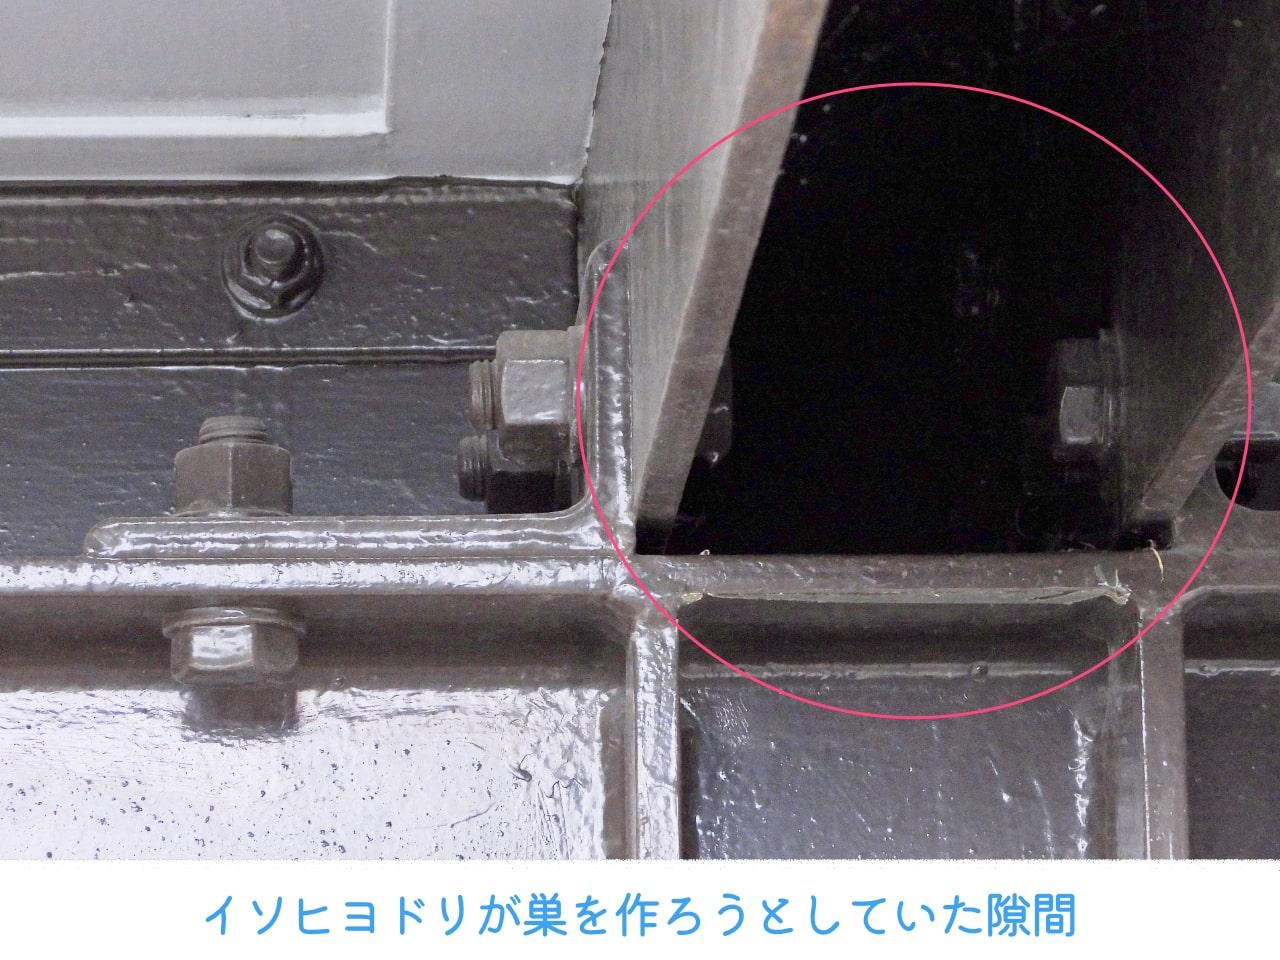 いそひよどりが巣を作ろうとしていた建造物の隙間の画像